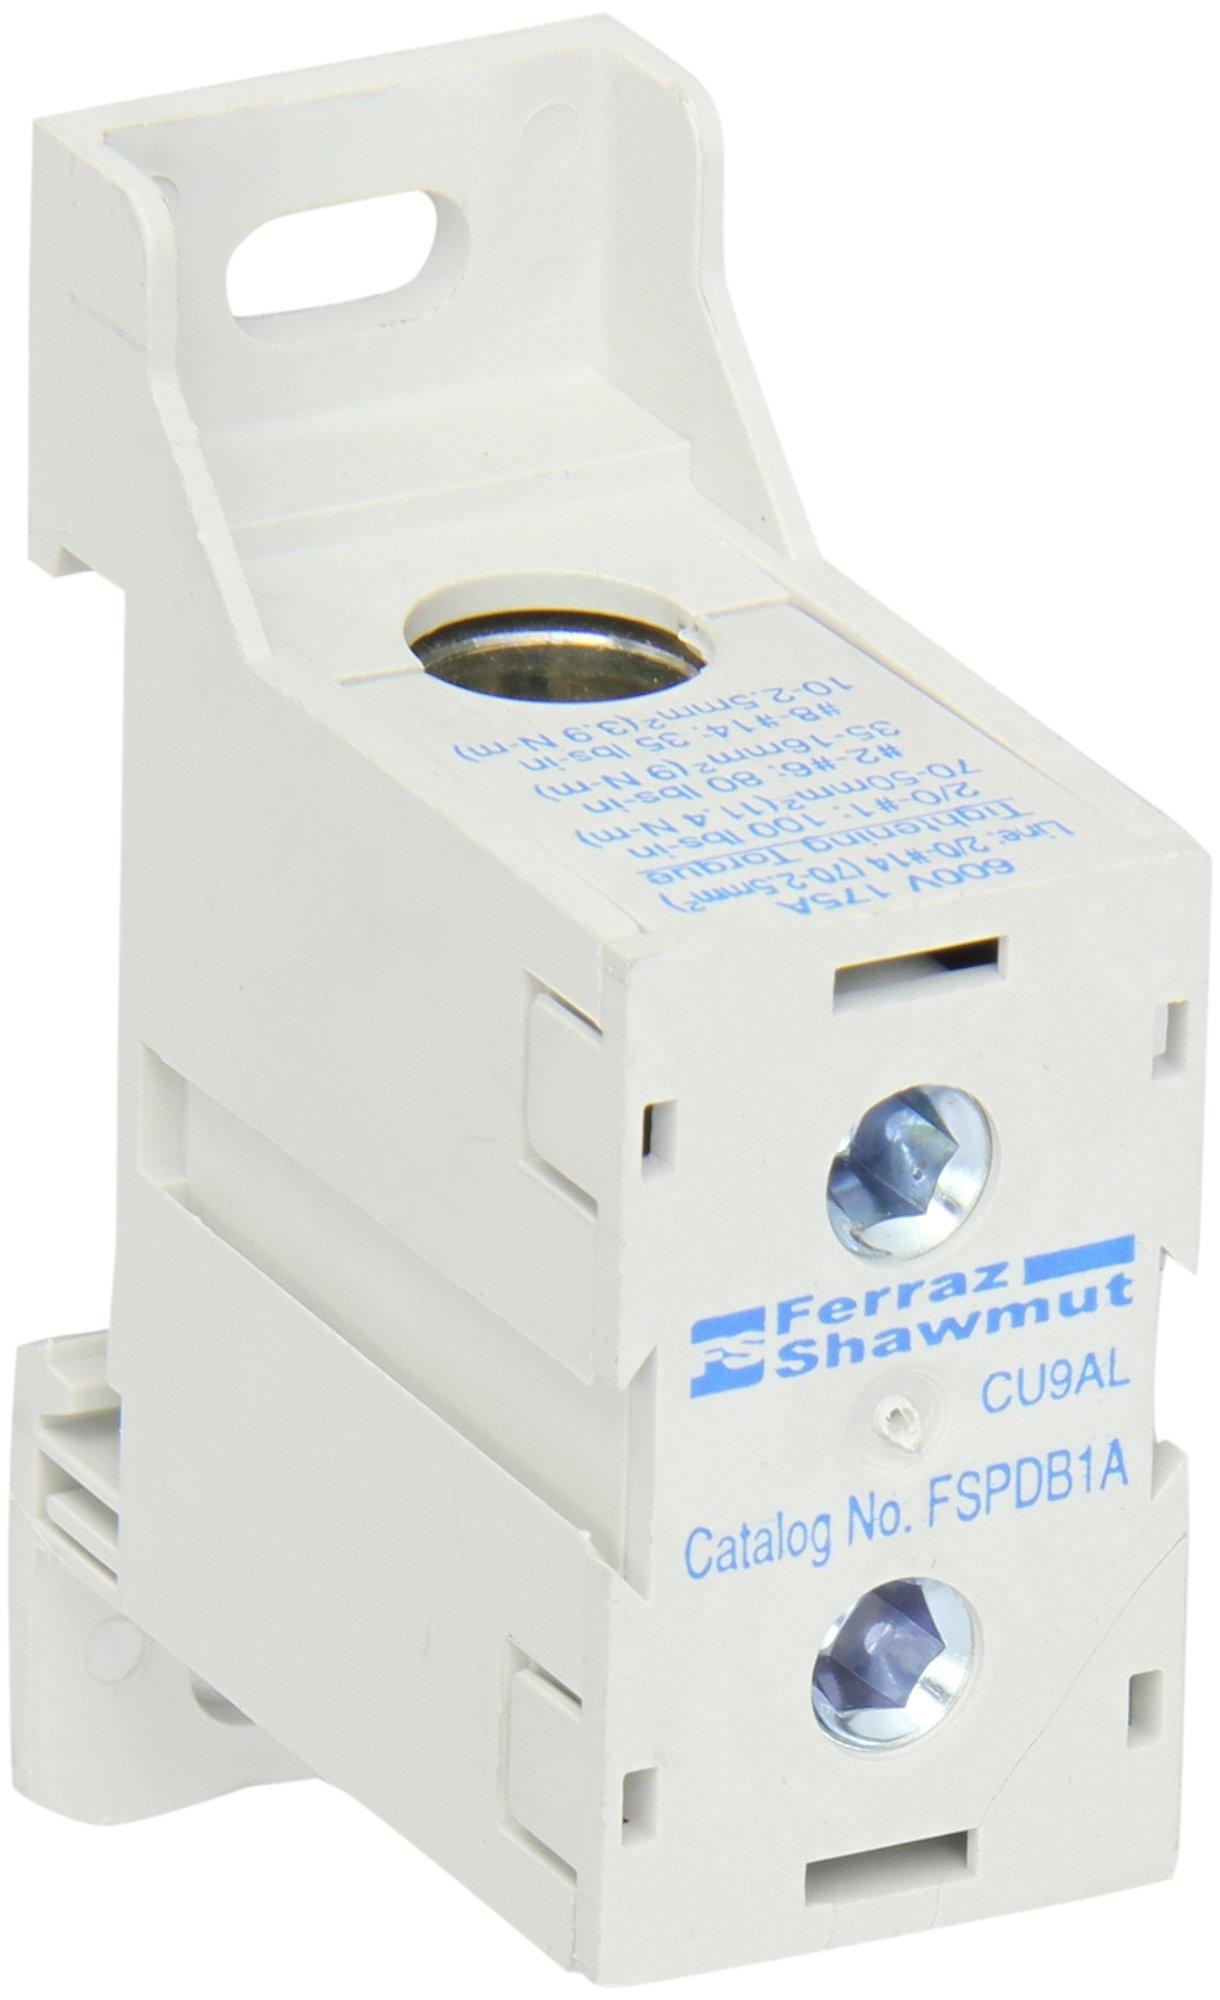 Mersen FSPDB1A Aluminum Finger-Safe Power Distribution Block, 600VAC/DC, 100kA, 175 Ampere, 2-55/64'' Length x 1'' Width x 1-61/64'' Height